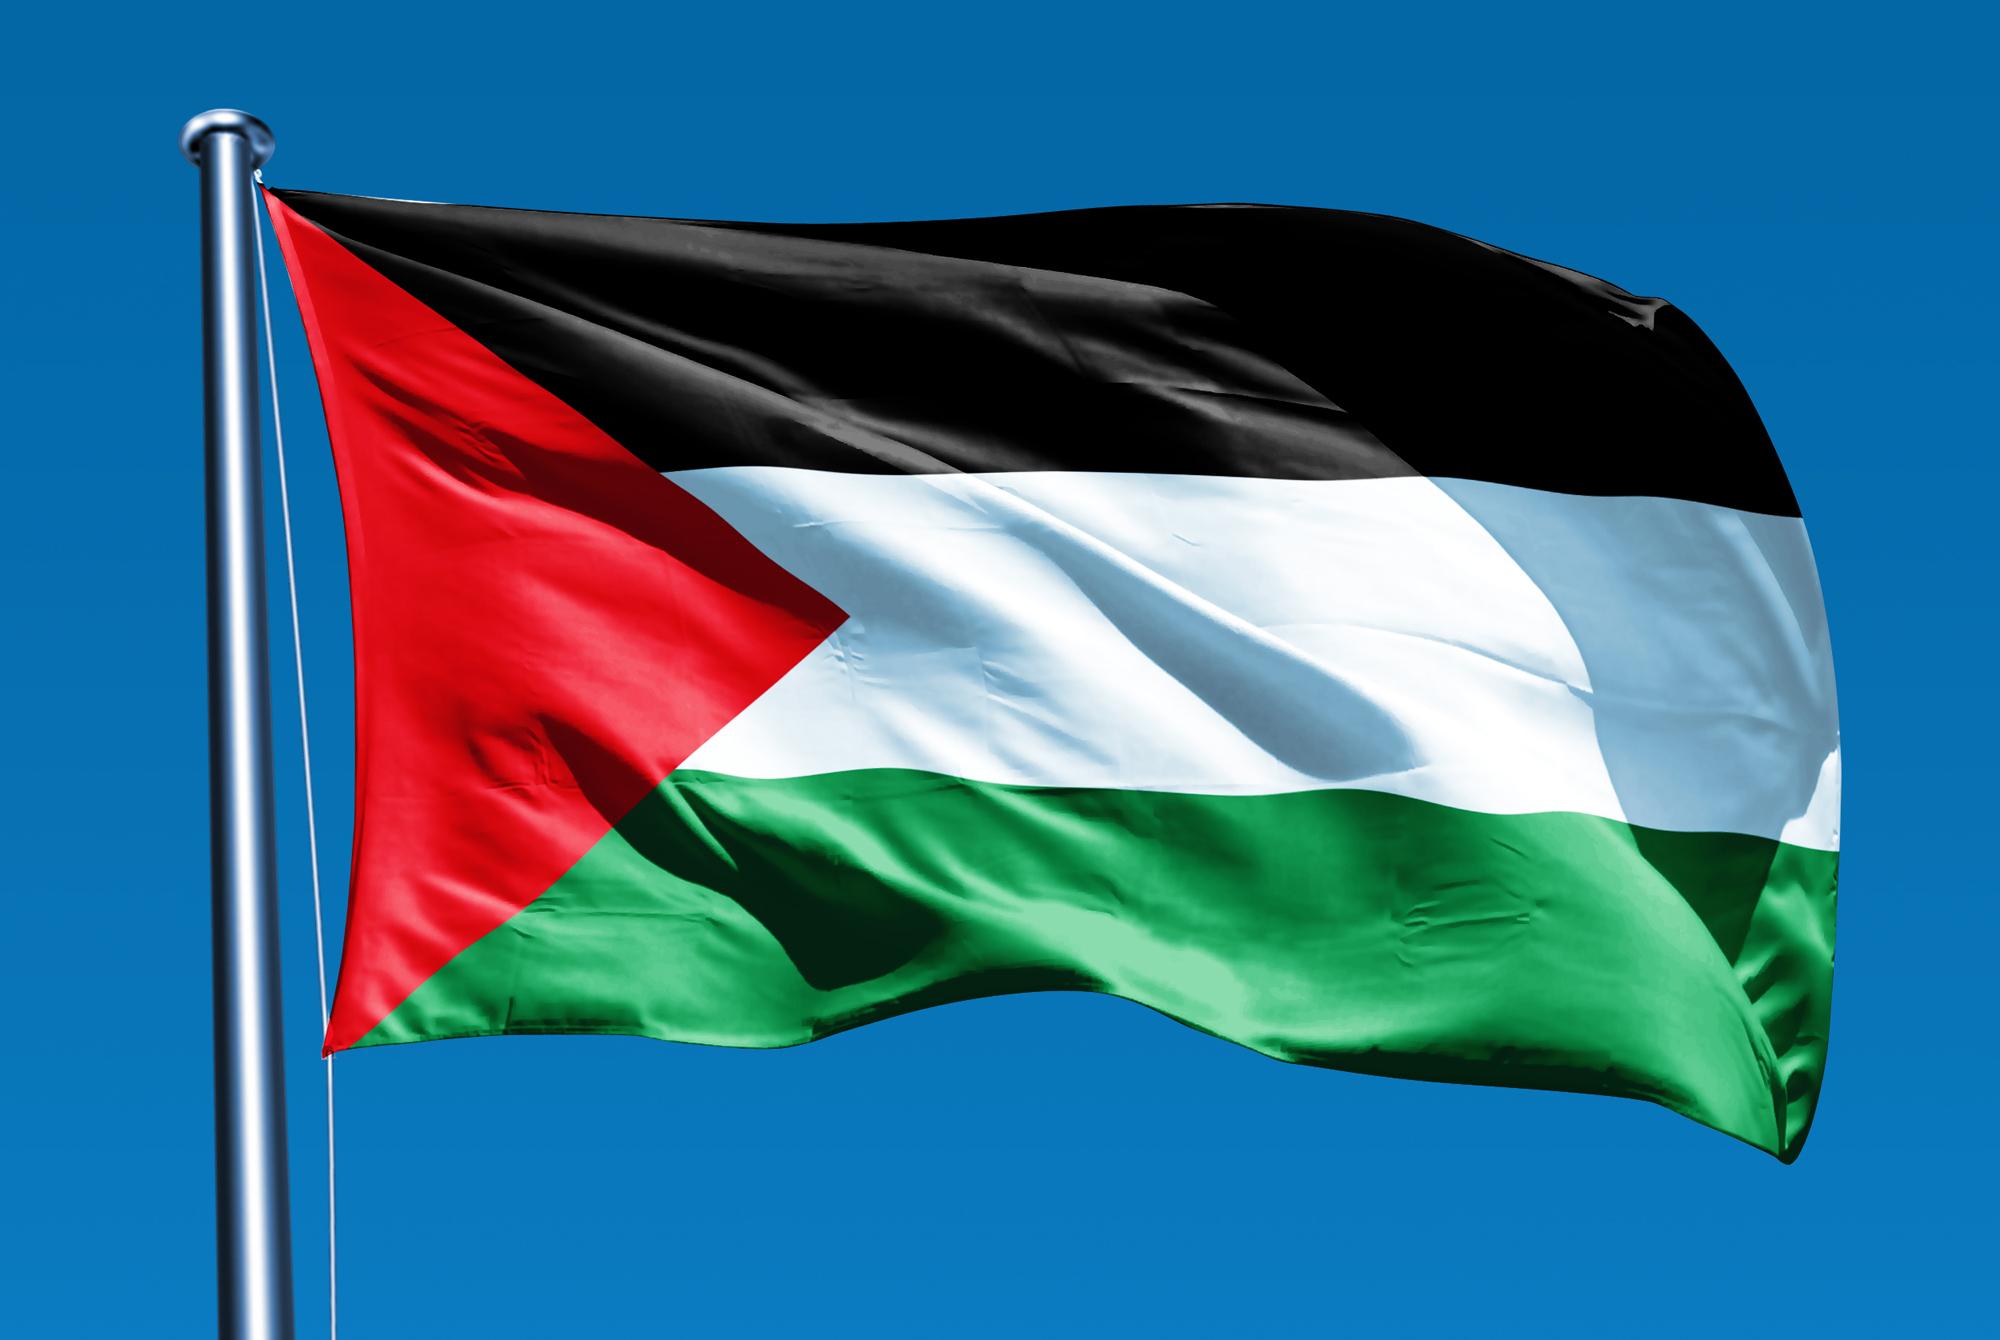 فلسطين تدين جريمة إعدام شاب فلسطيني وتحمل دولة الاحتلال المسؤولية